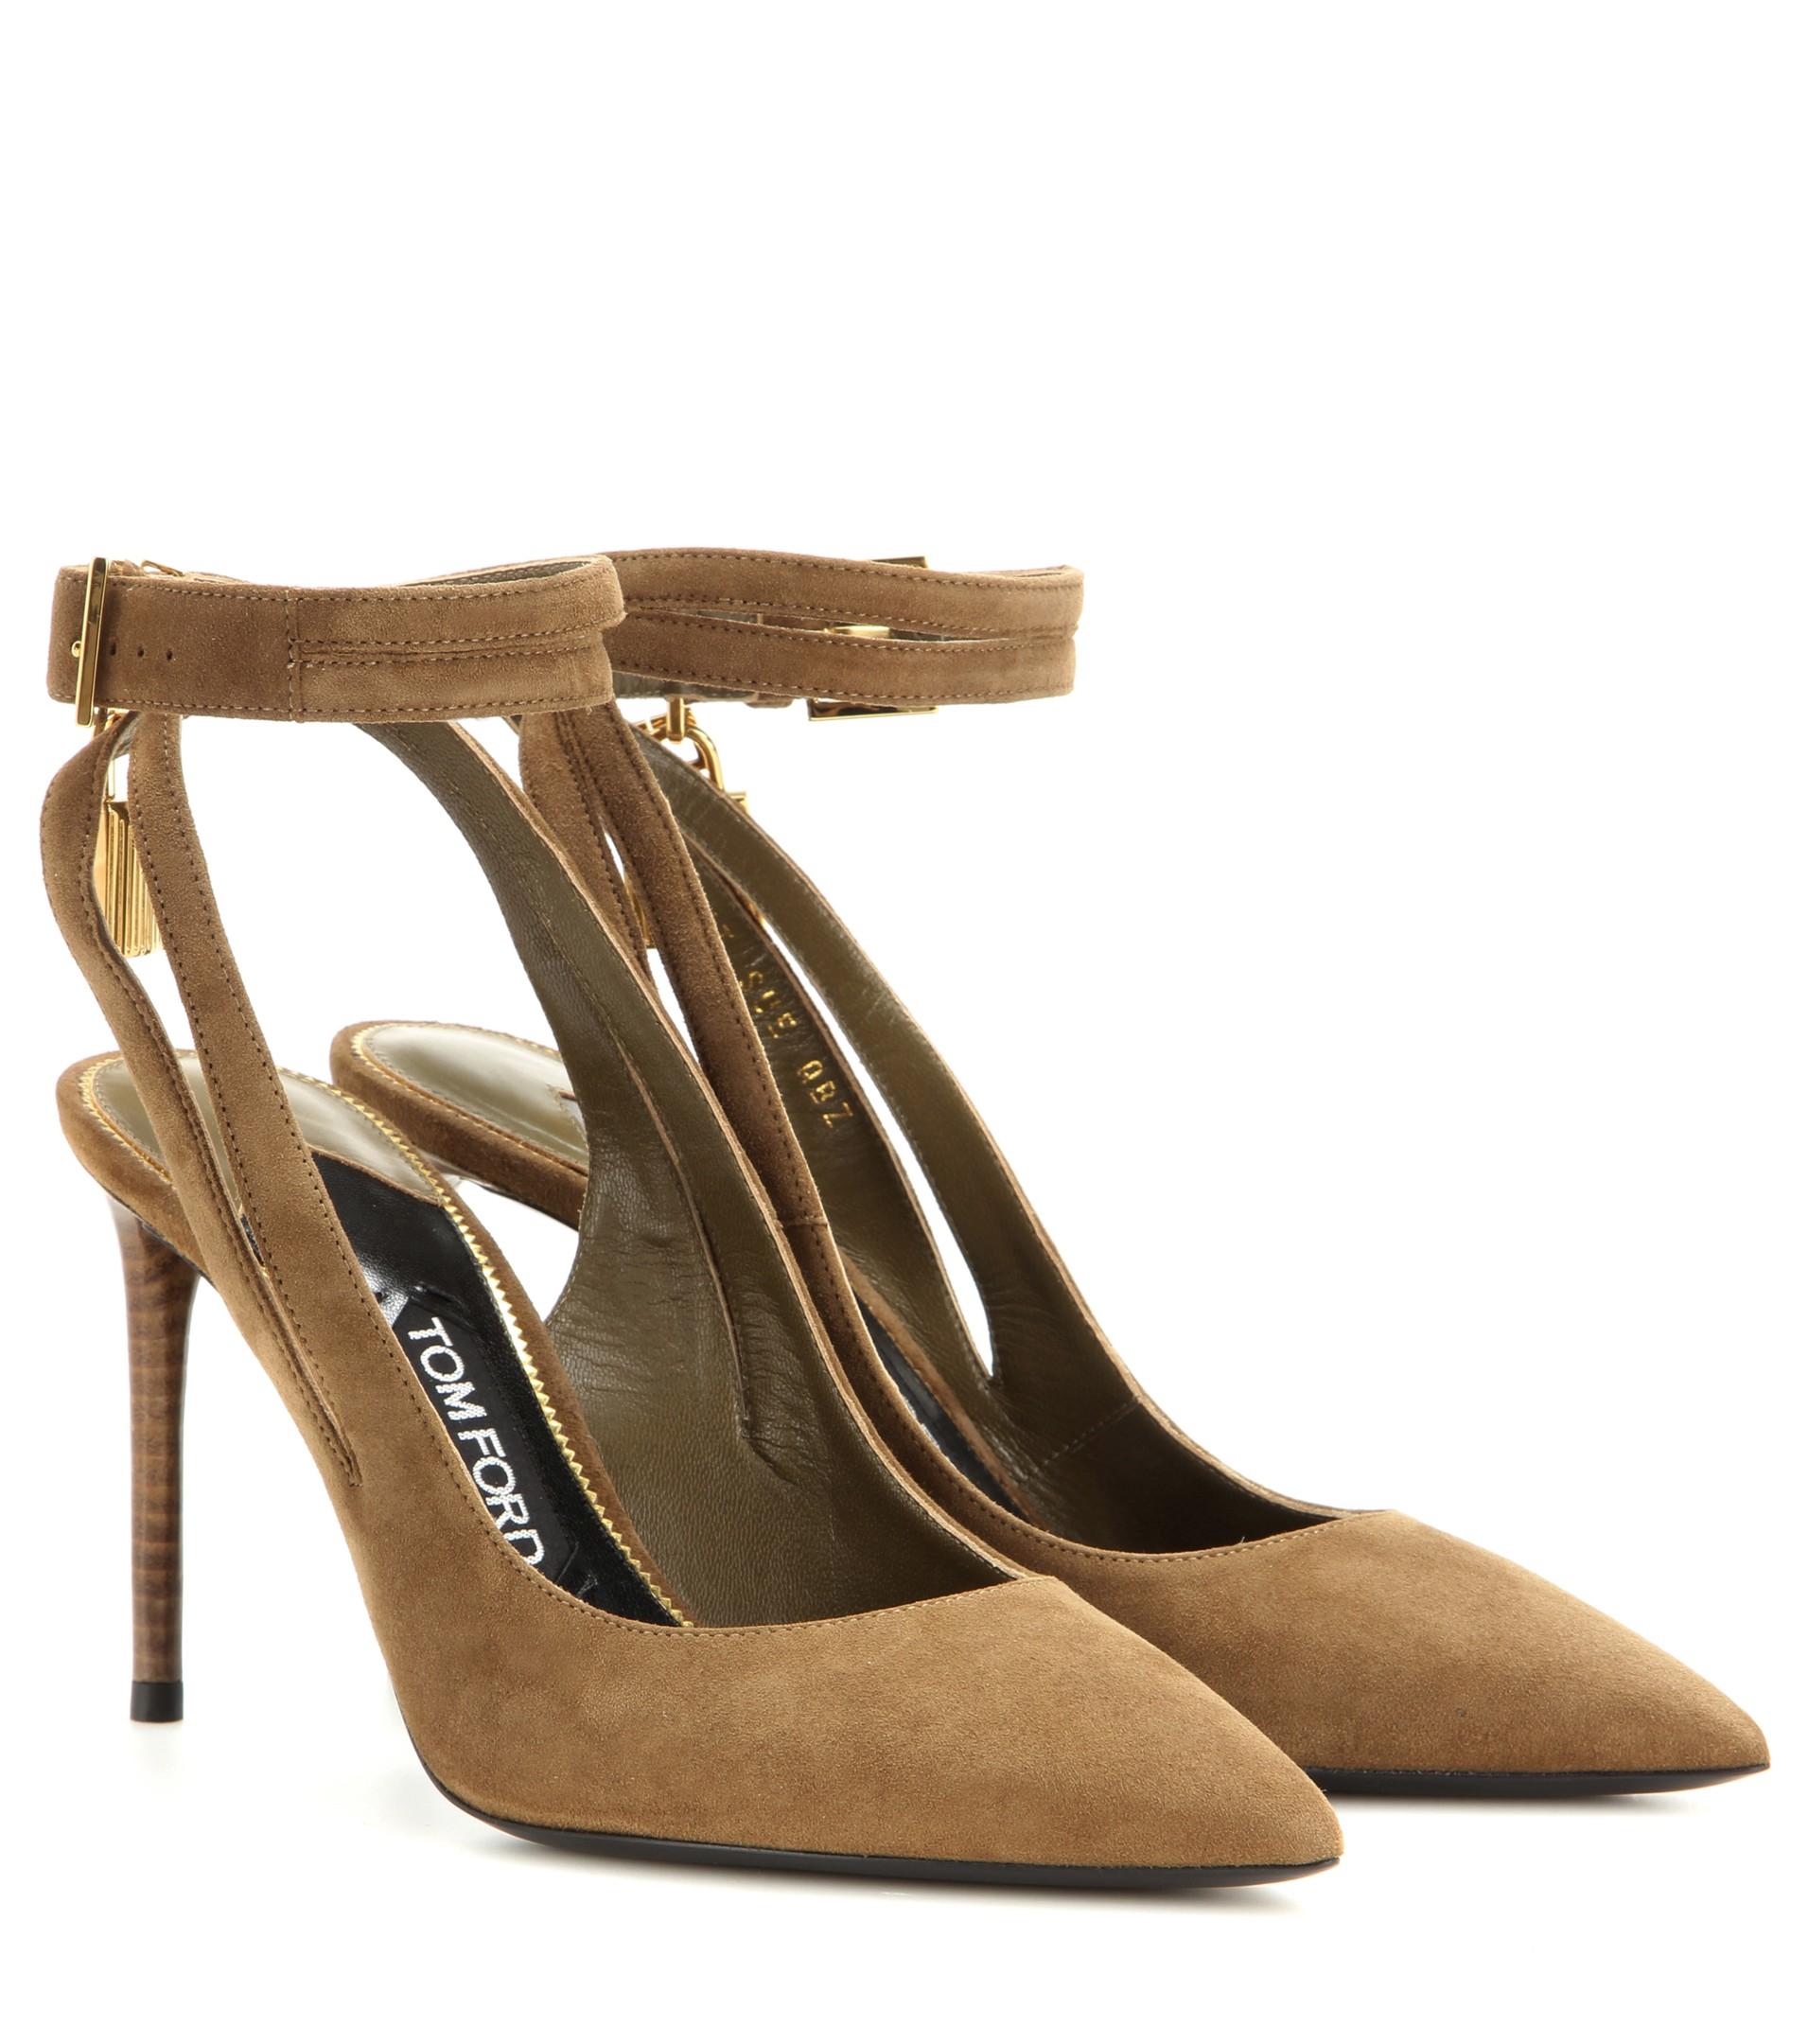 heels ford srcbg modesens in rgb dsk b naked hero padlock chalk tom heel sso sandal product strap chk os pdp